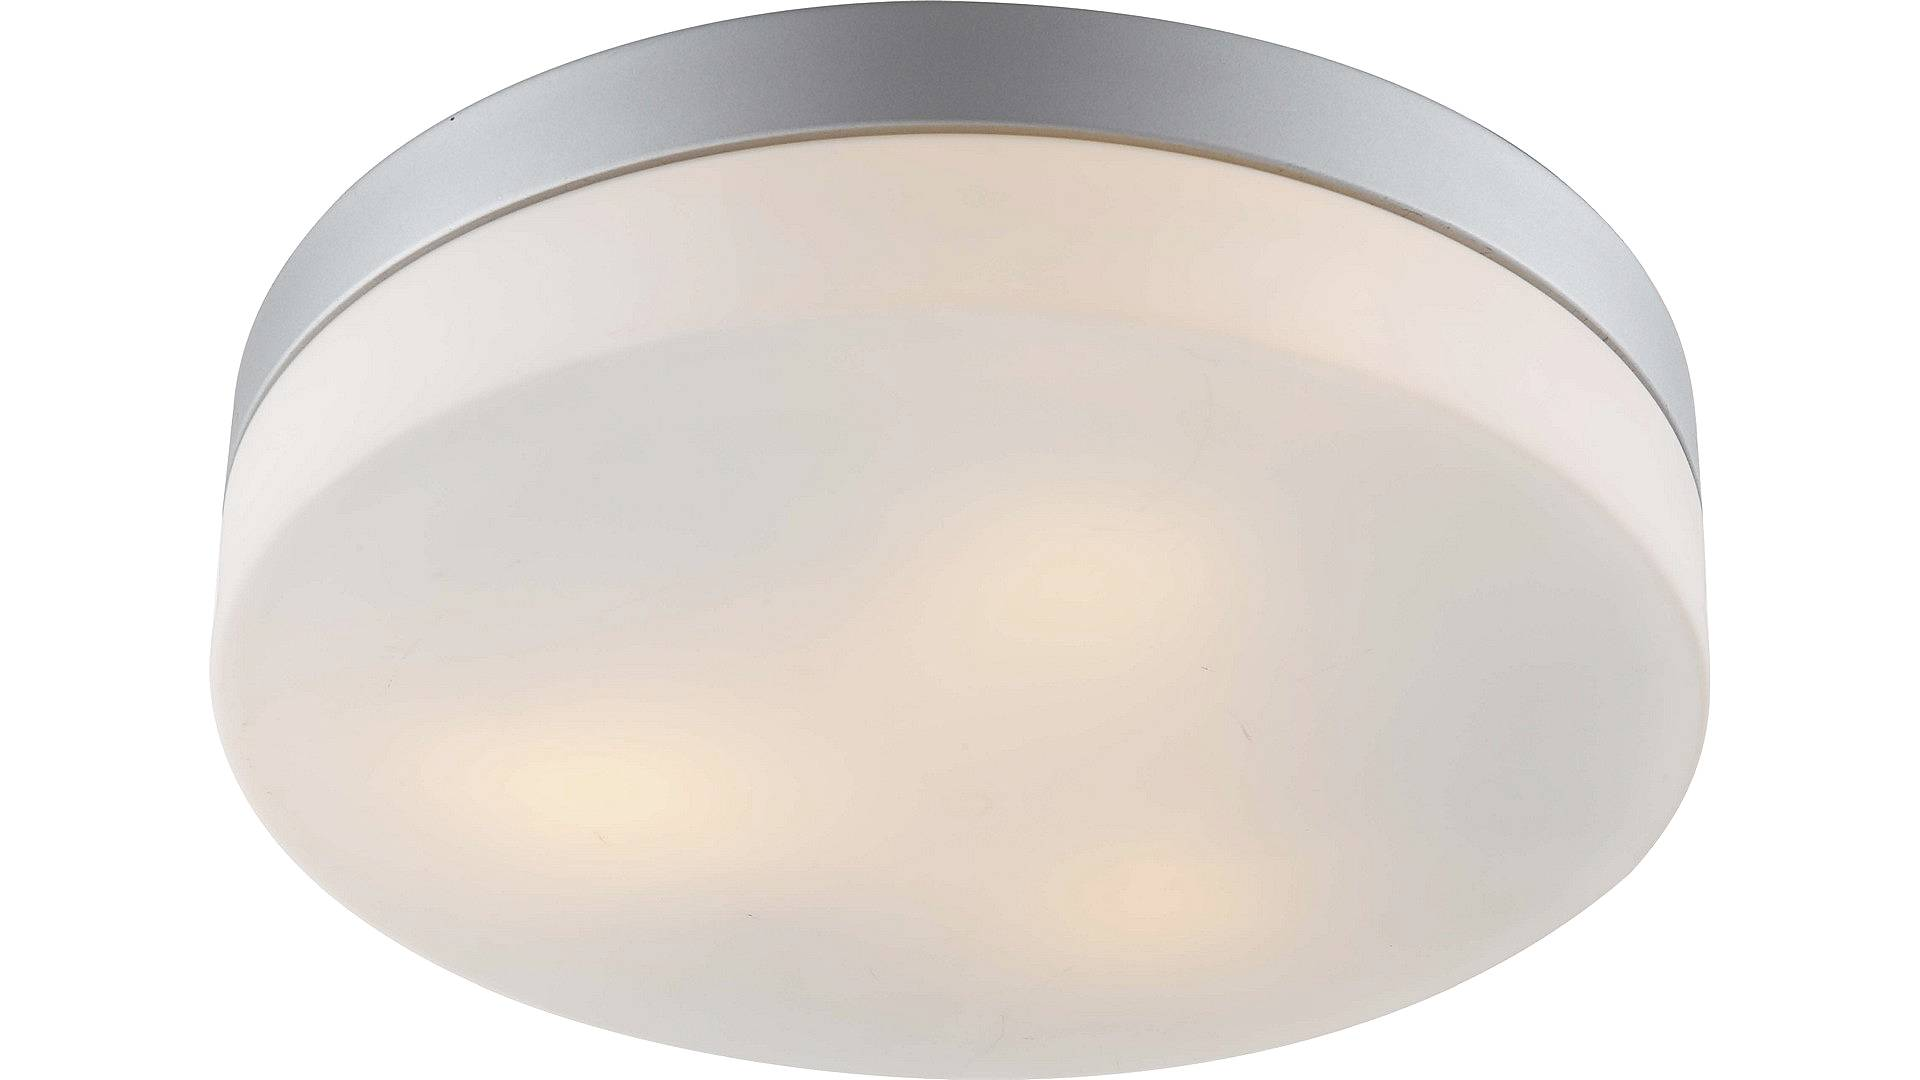 Фото товара A3211PL-3SI Arte Lamp